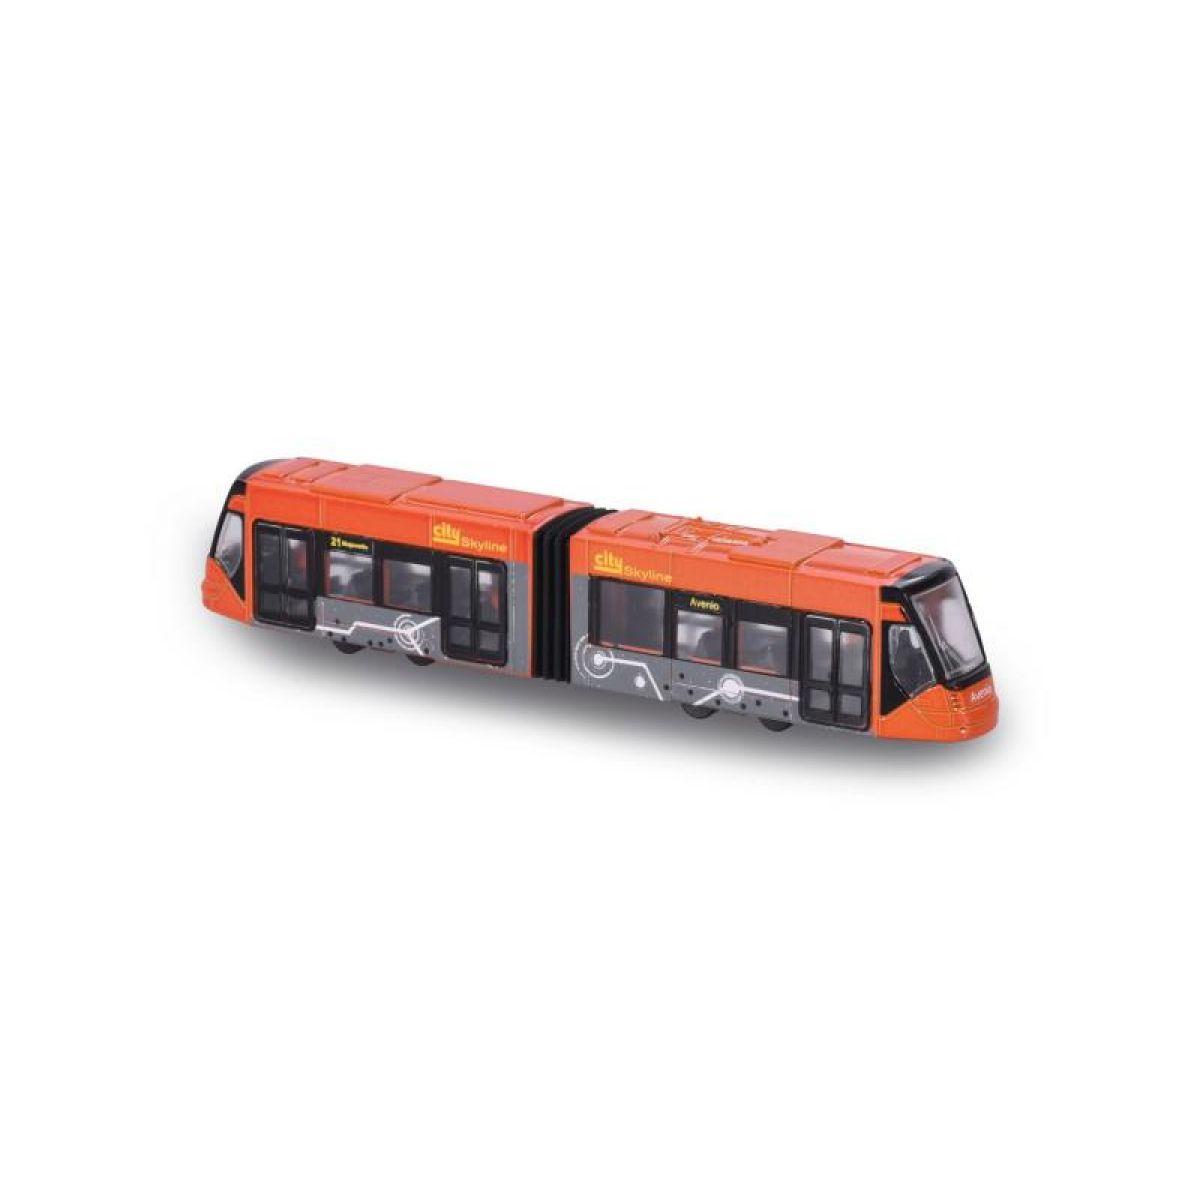 Majorette Tramvaj Siemens Avenio kovová Červená - Poškodený obal